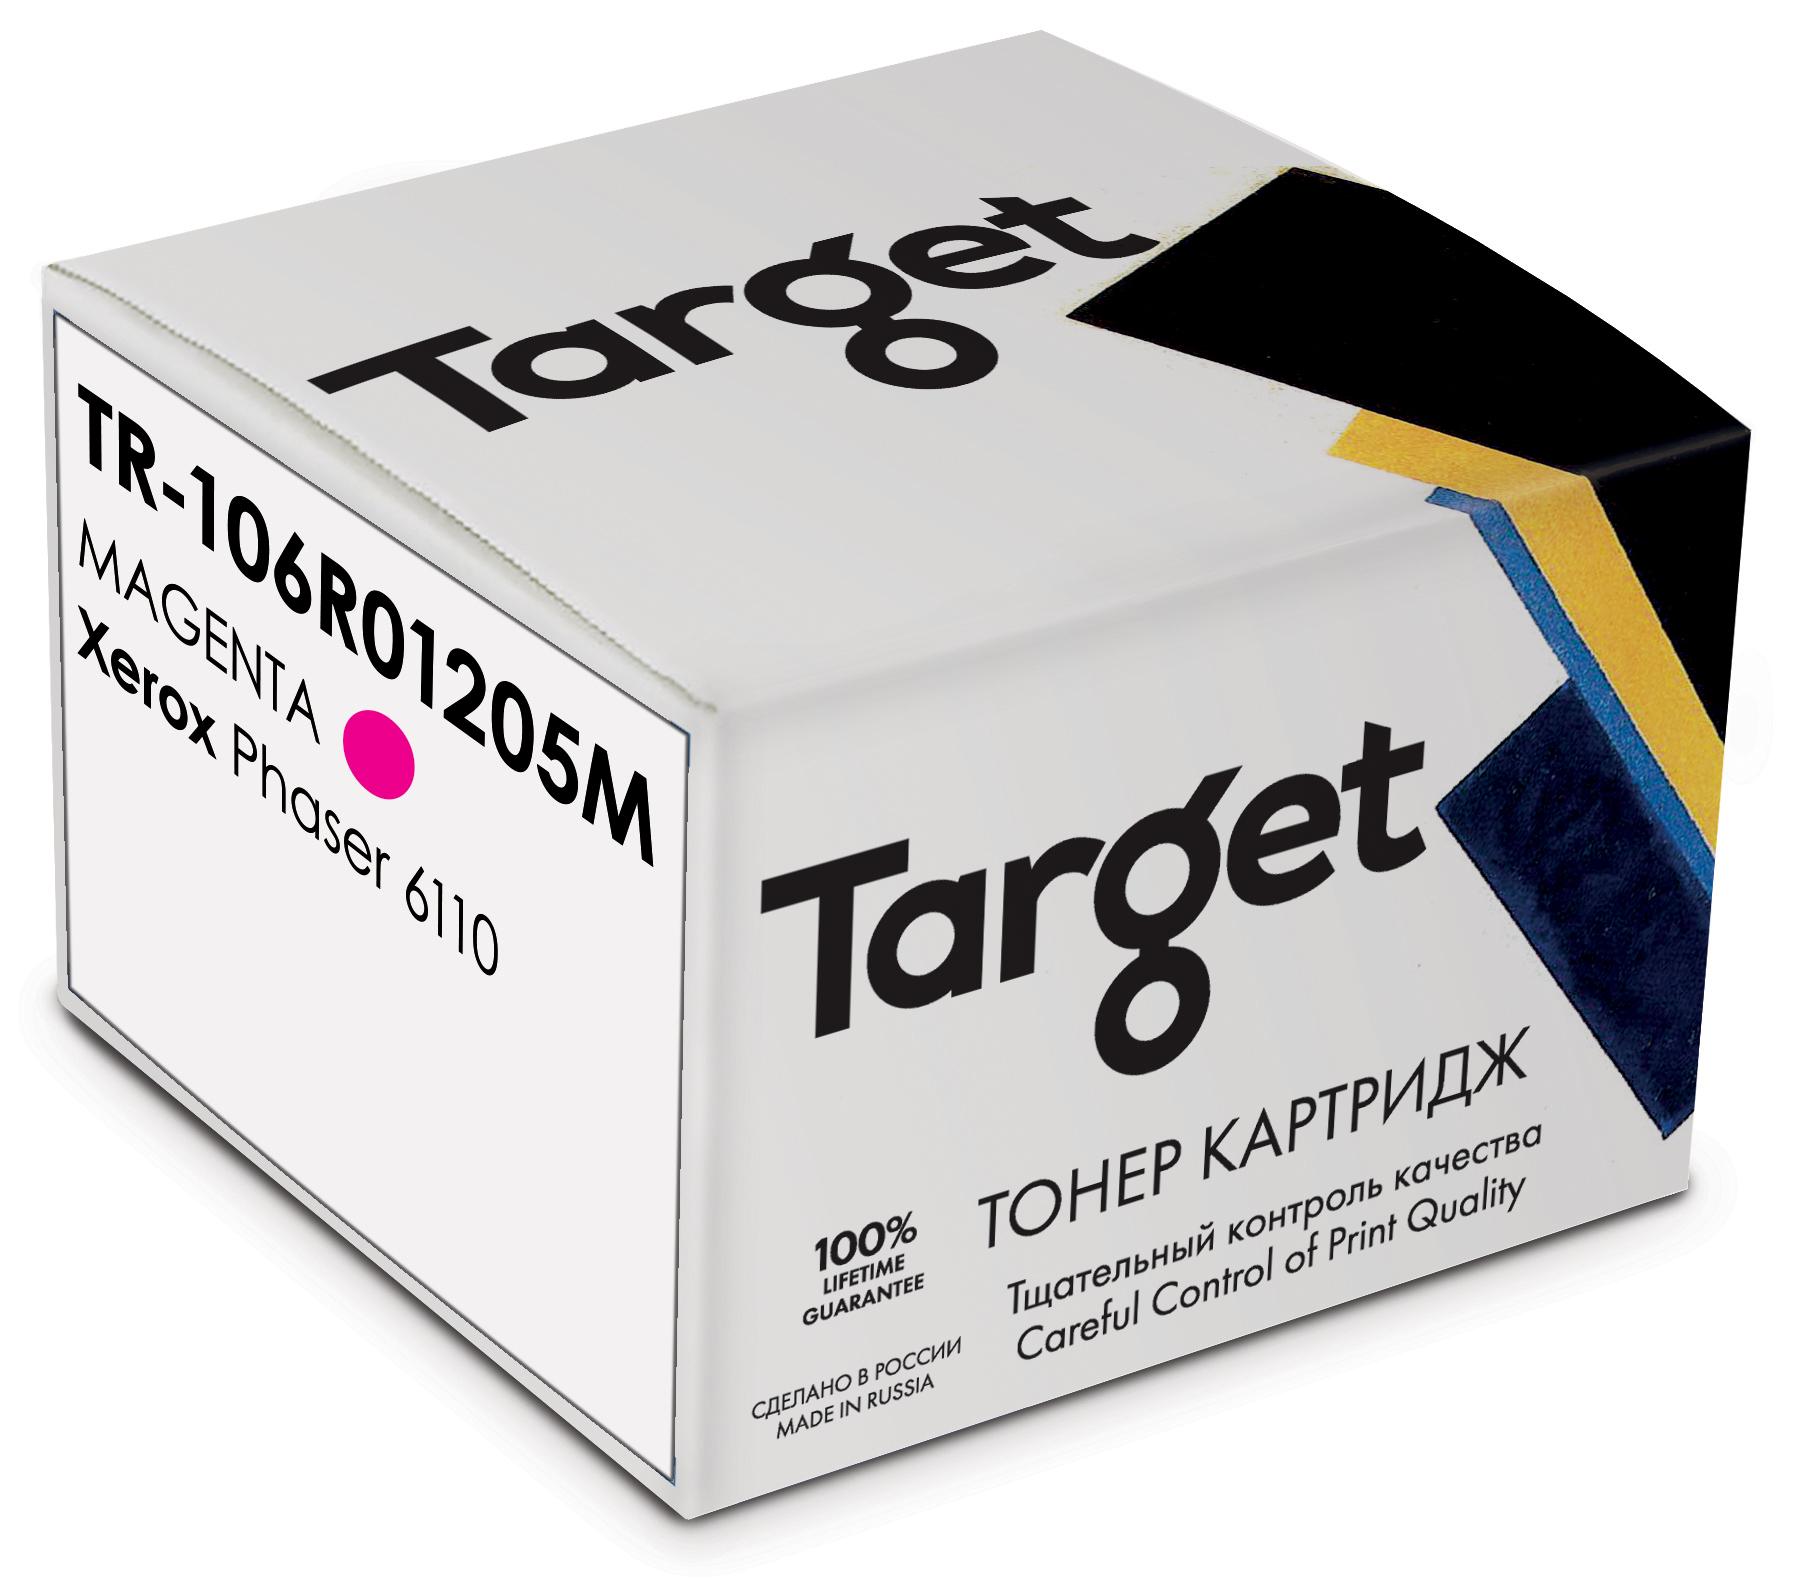 Тонер-картридж XEROX 106R01205M